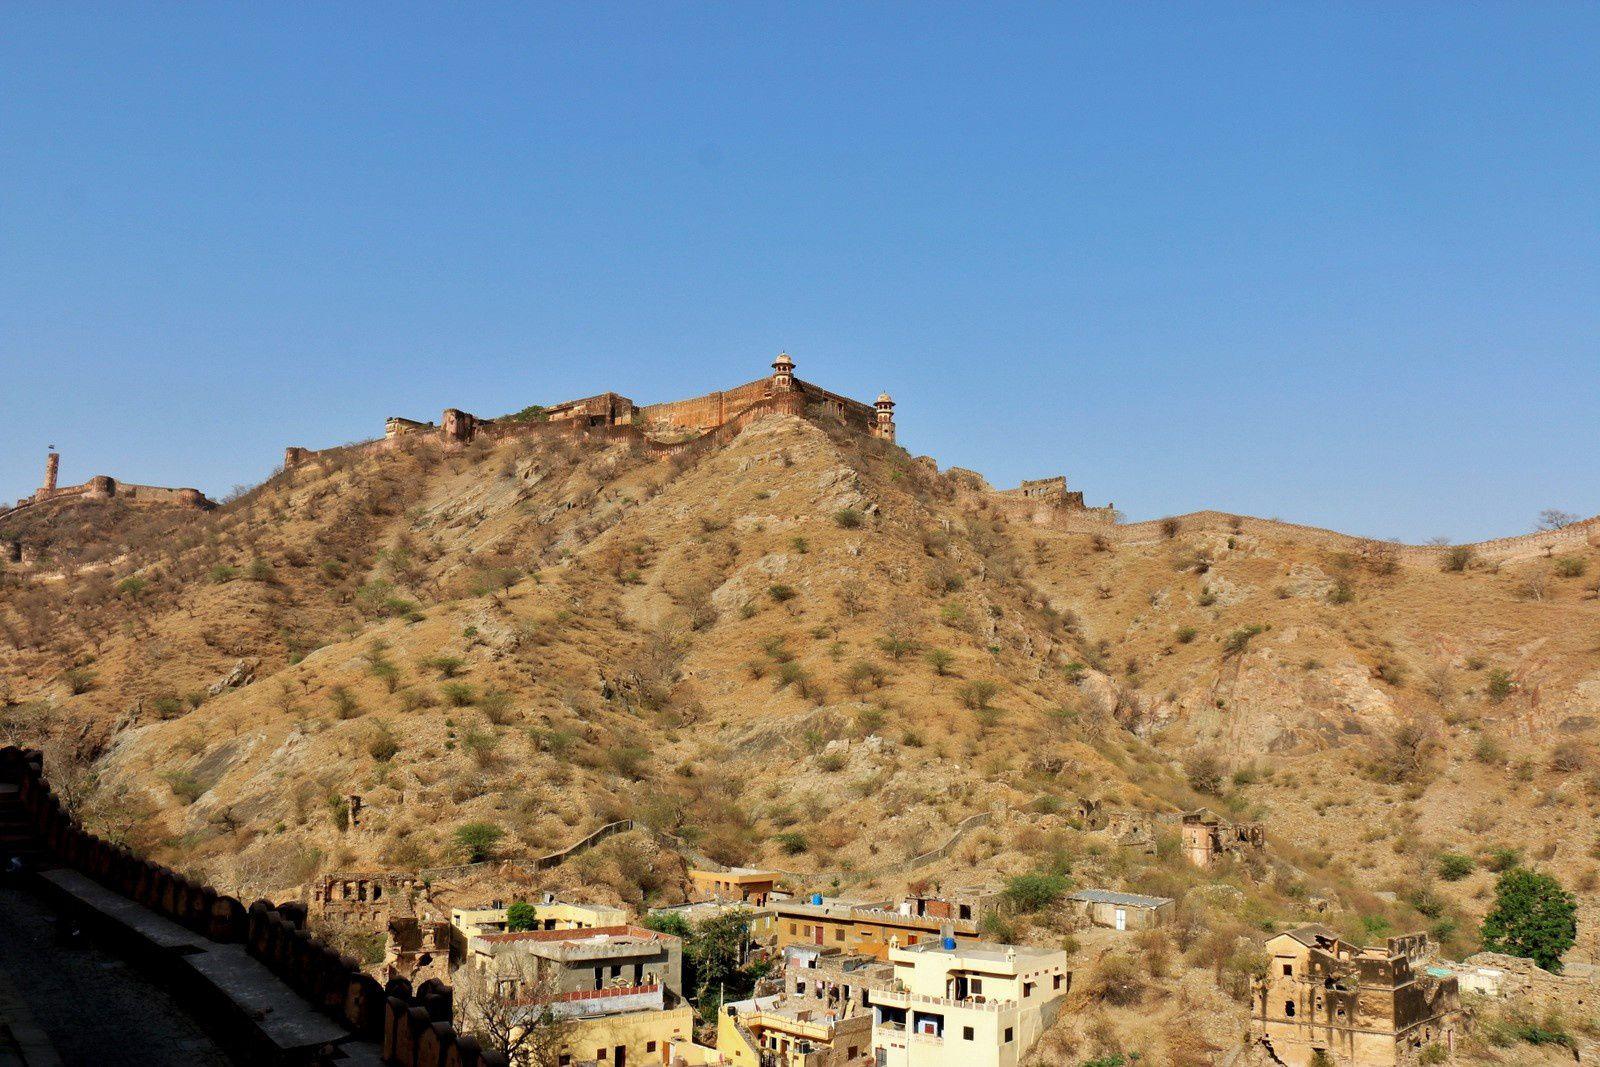 Les éléphants et le fort d'Amber, Rajasthan (Inde)